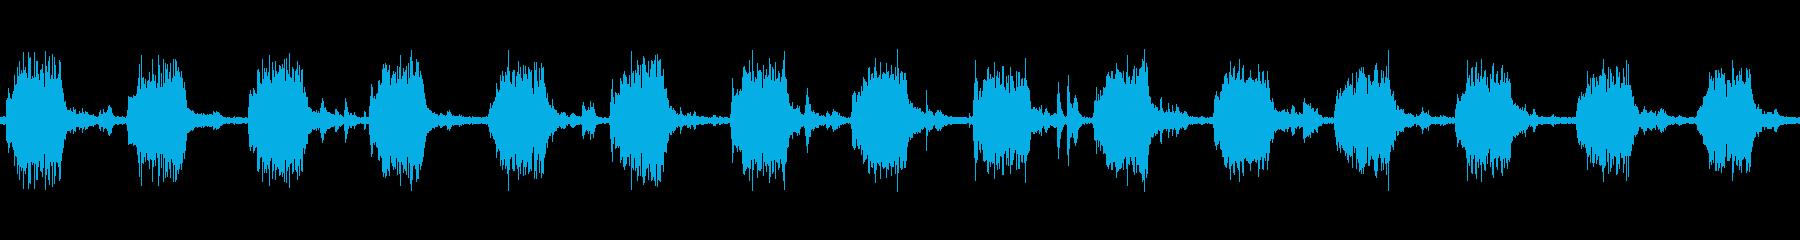 洗濯機で洗っている時の音 ループの再生済みの波形